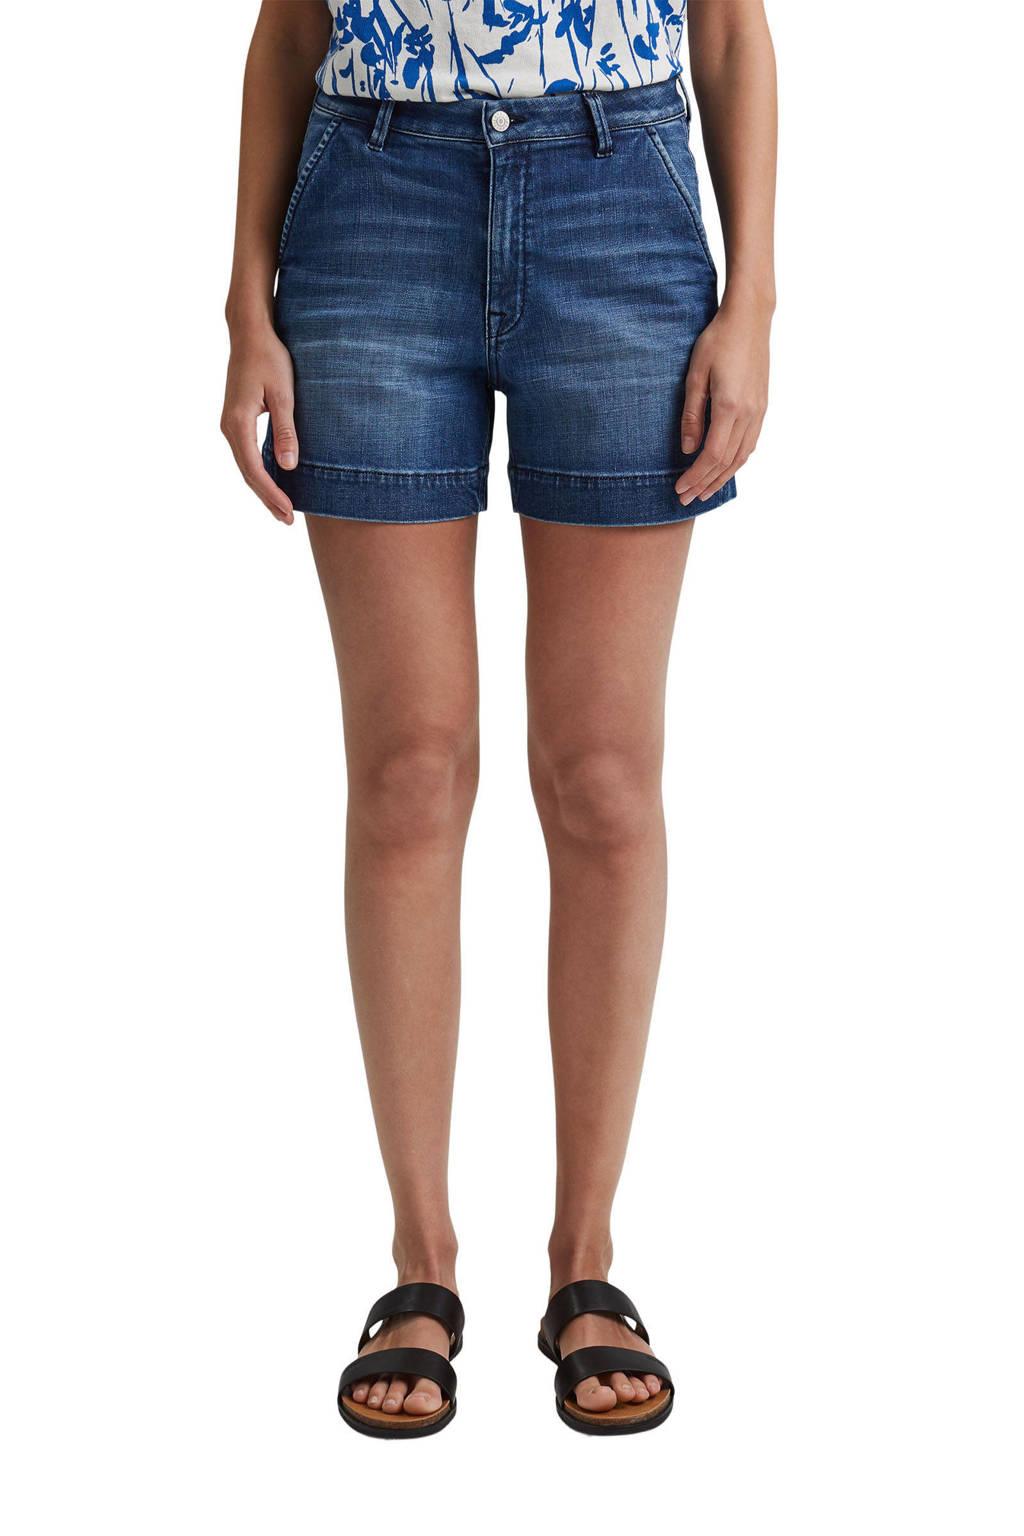 ESPRIT Women Casual jeans short met biologisch katoen dark denim, Dark denim